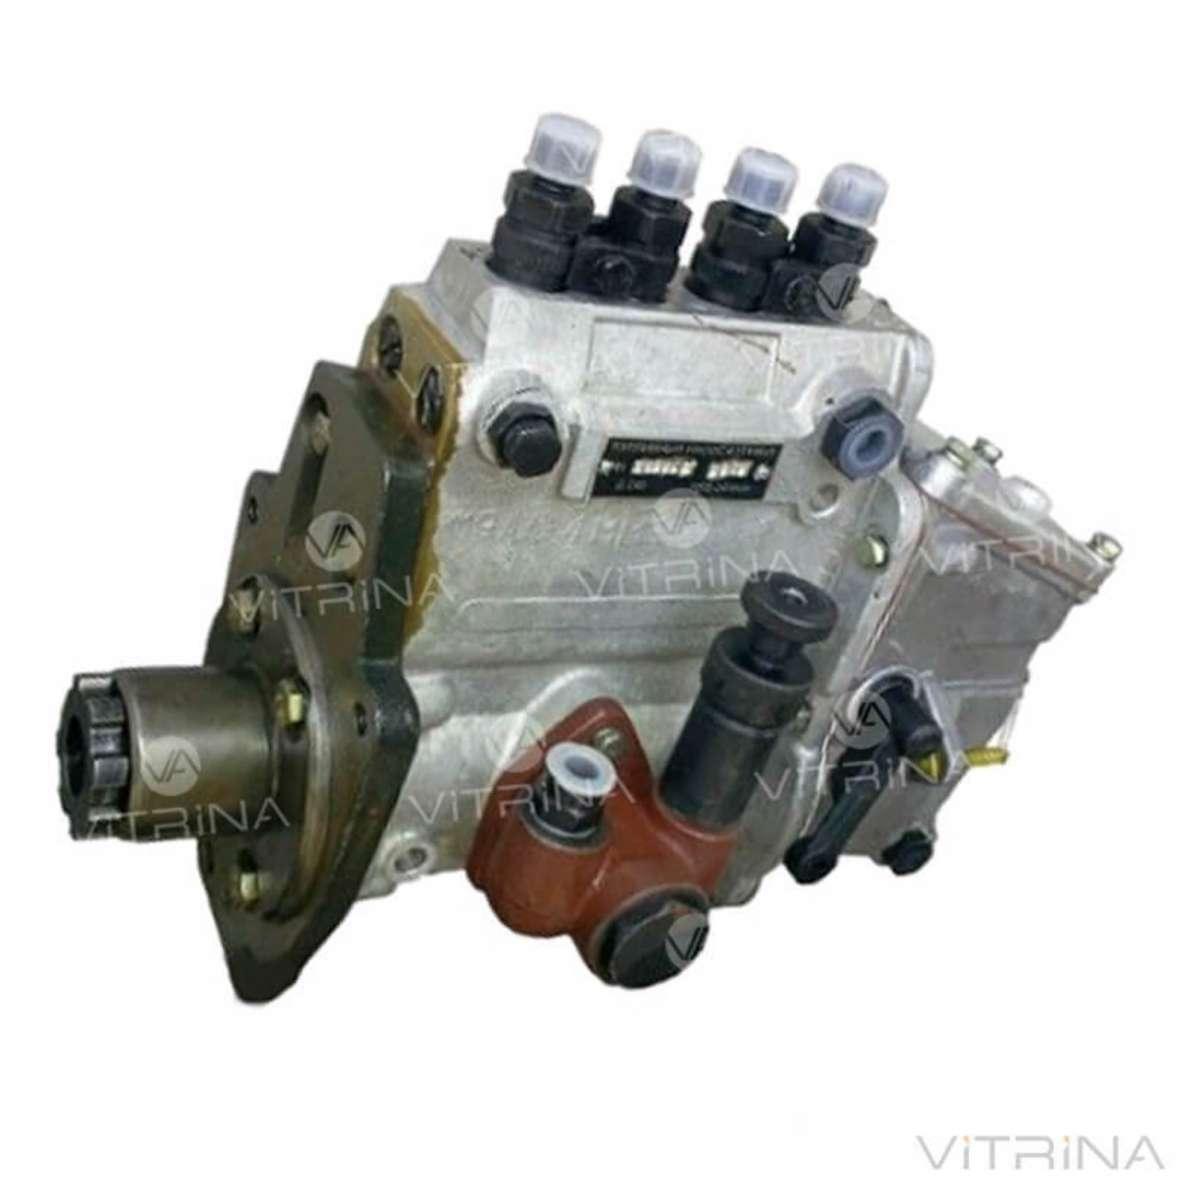 Топливный насос высокого давления 4УТНИ-1111005, 4УТНИ-Э-1111005